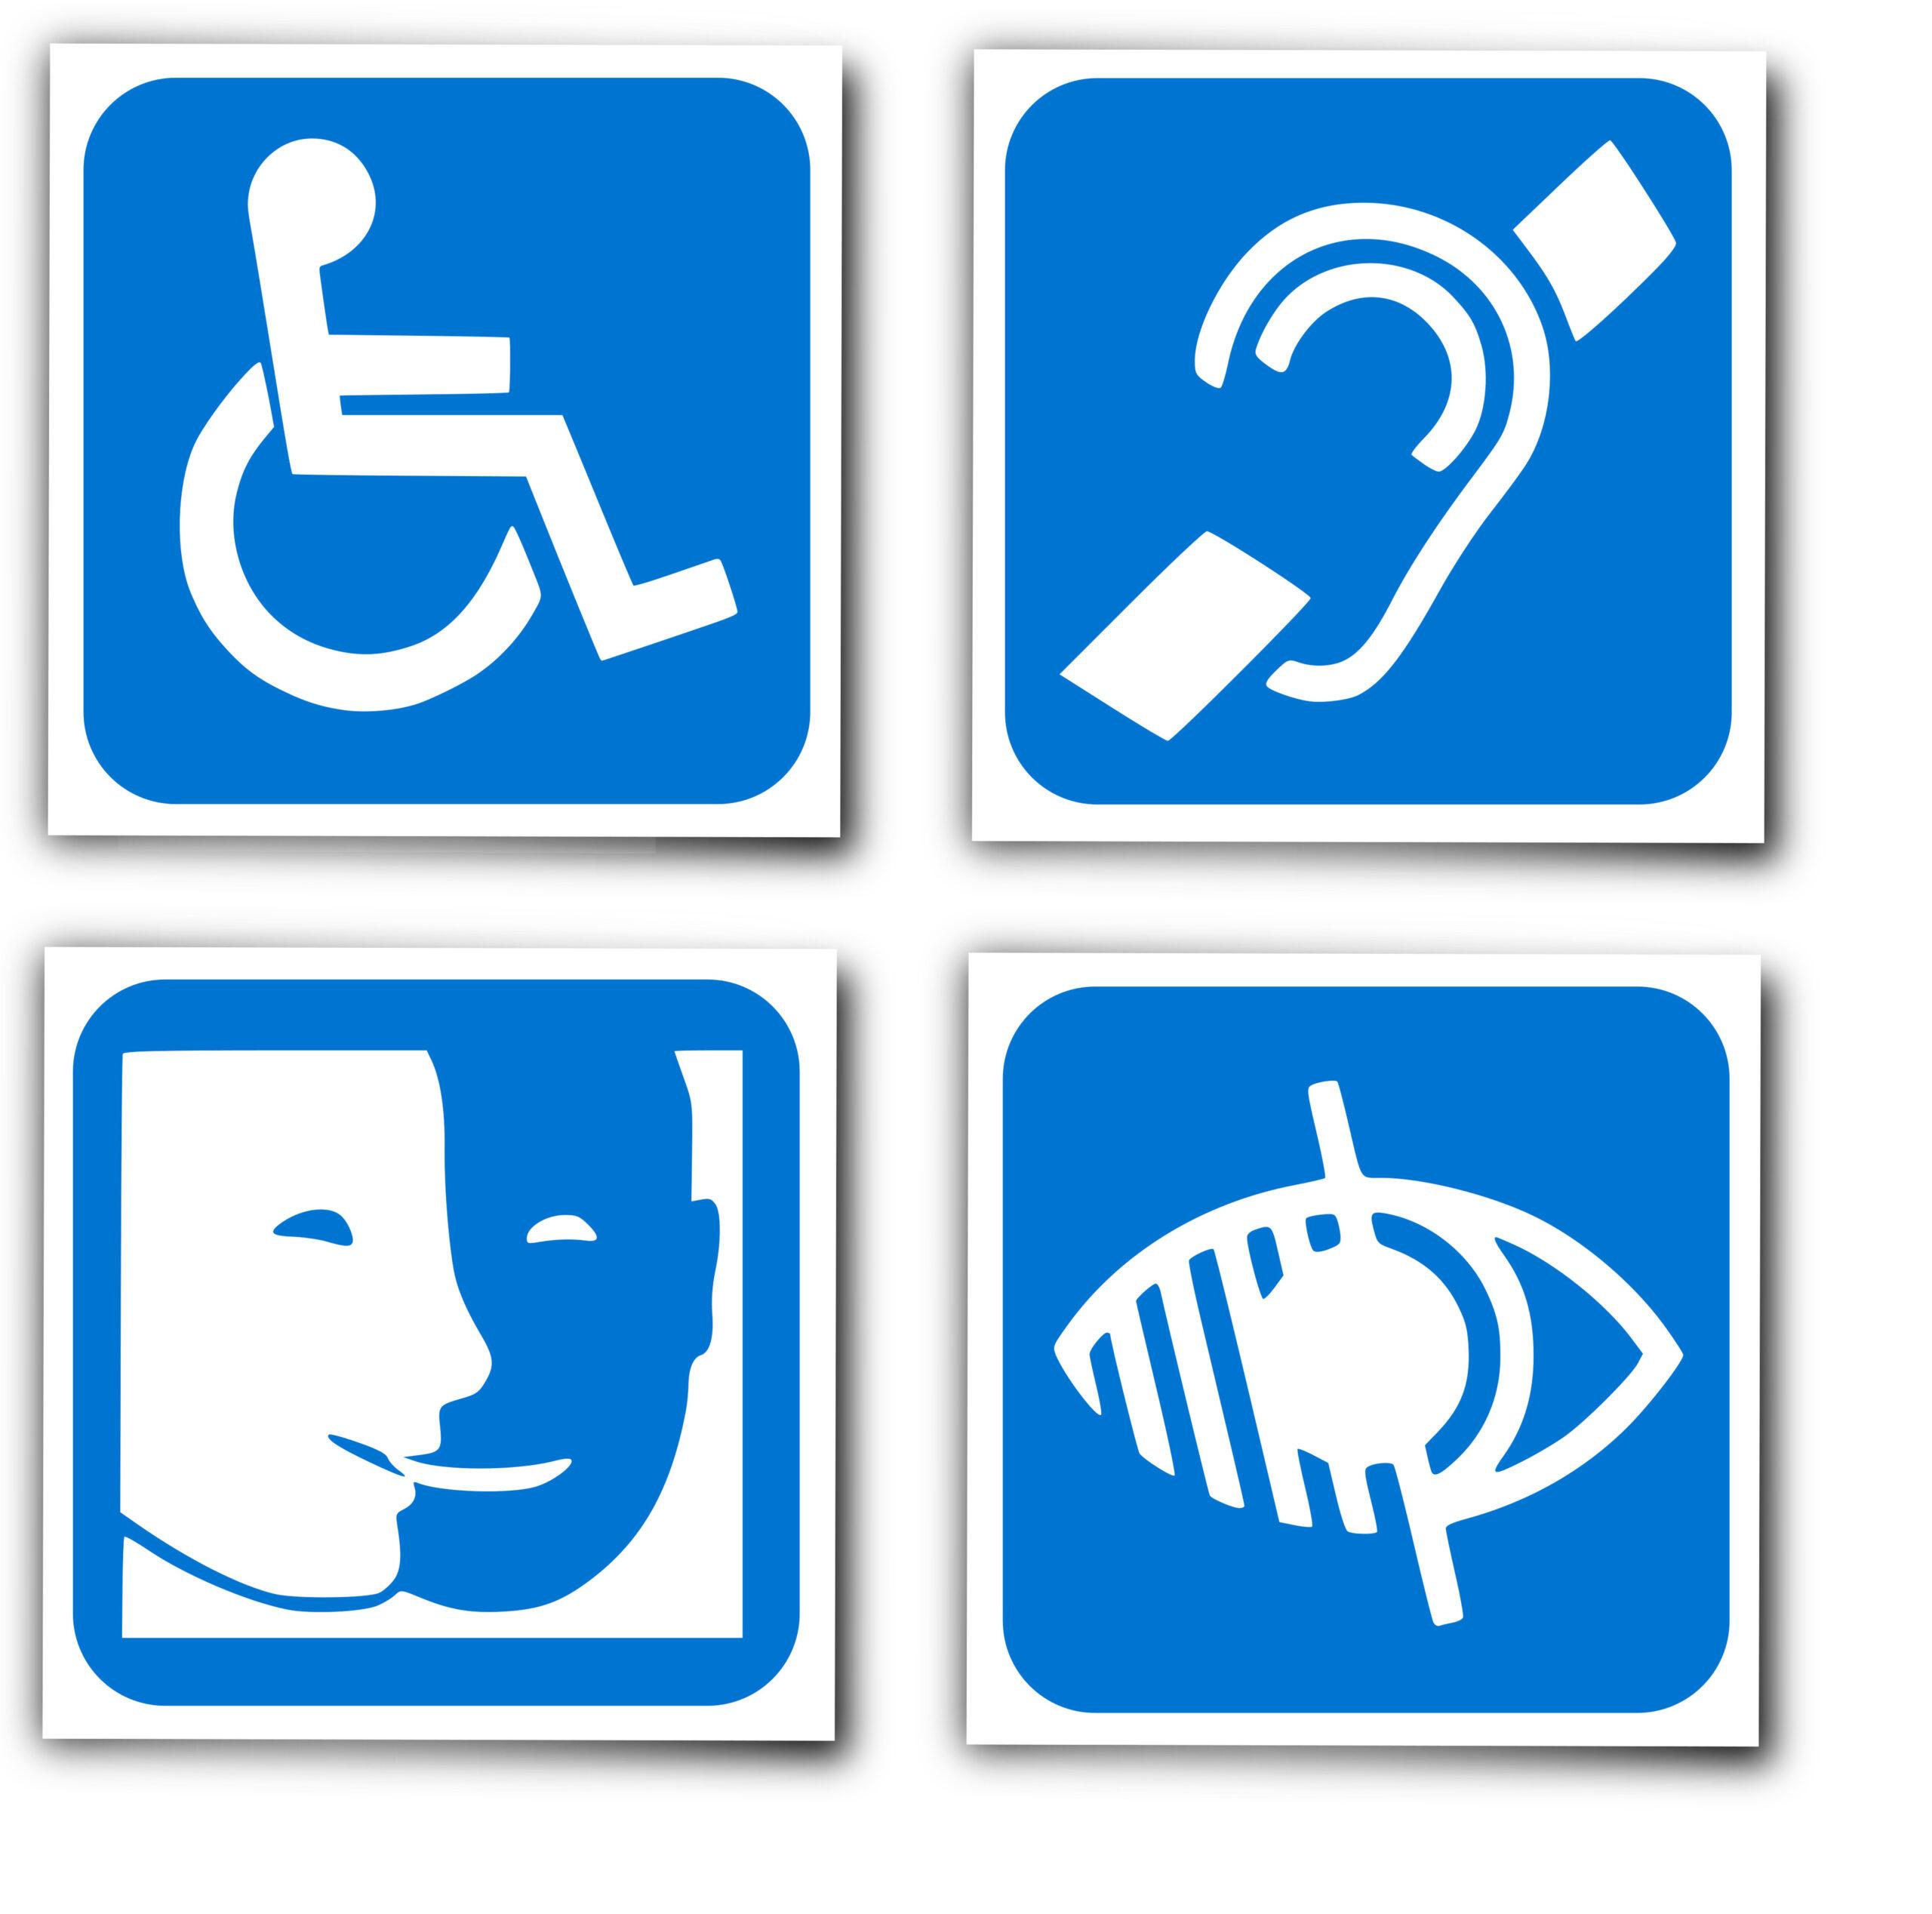 handicaps : les 4 logos (une personne en fauteuil roulant, le sigle malentendant, le sigle malvoyant et handicap mental)